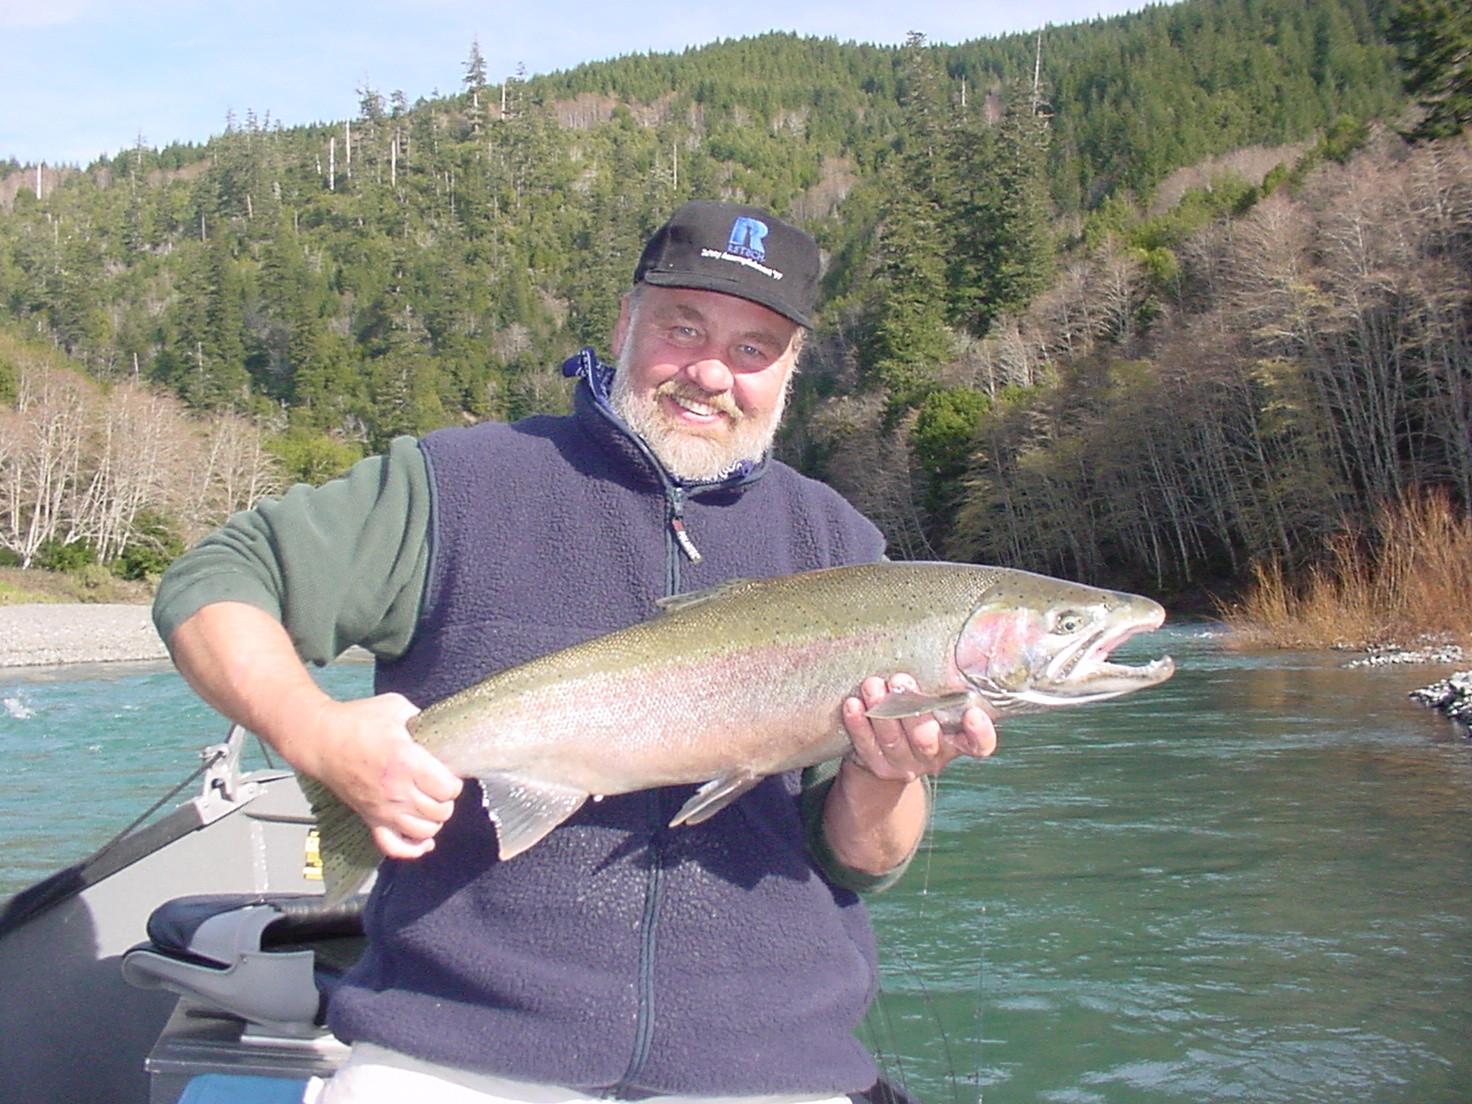 Ken Cunningham Guide Service: Jet Boat - Salmon & Steelhead